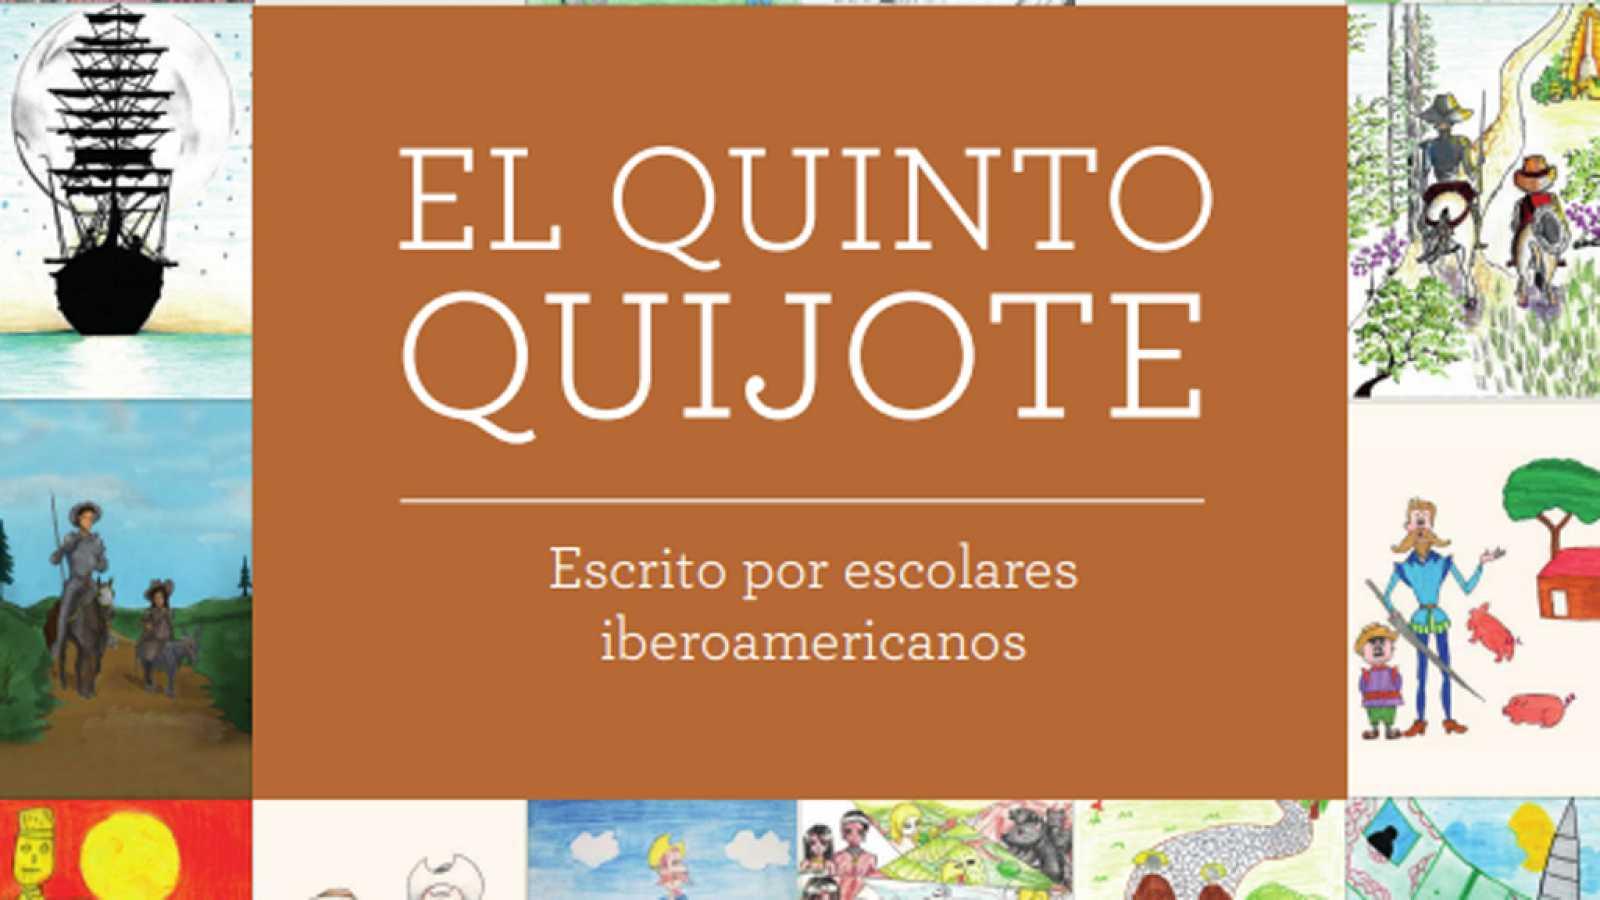 Espacio iberoamericano - Cervantes recorre al fin América Latina - 22/04/21 - escuchar ahroa